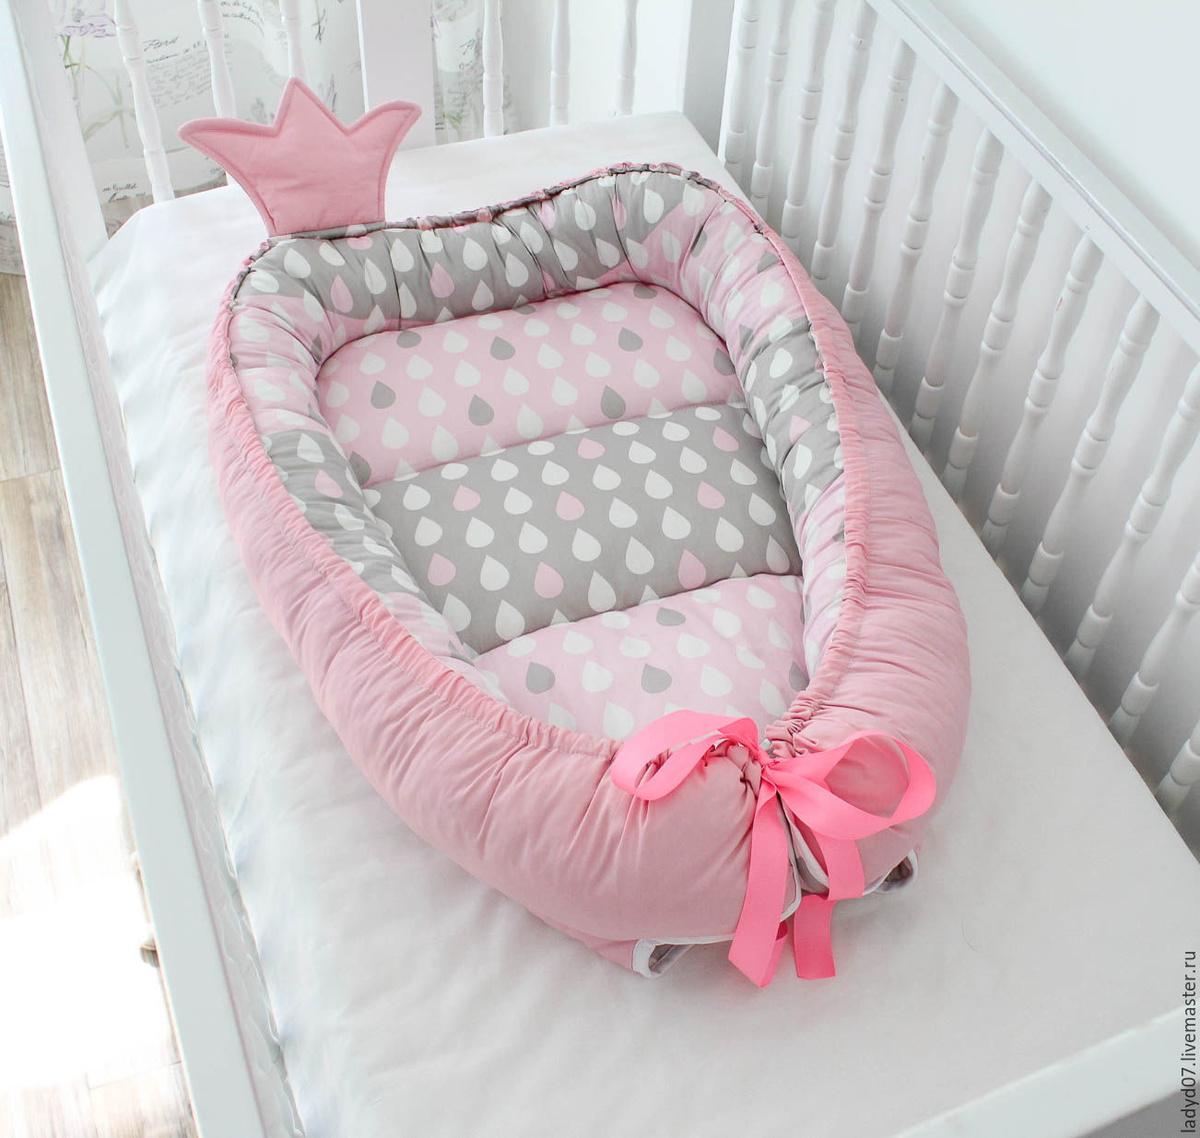 По мере роста ребенка, ленту нужно ослаблять, что позволит увеличить размеры гнезда.